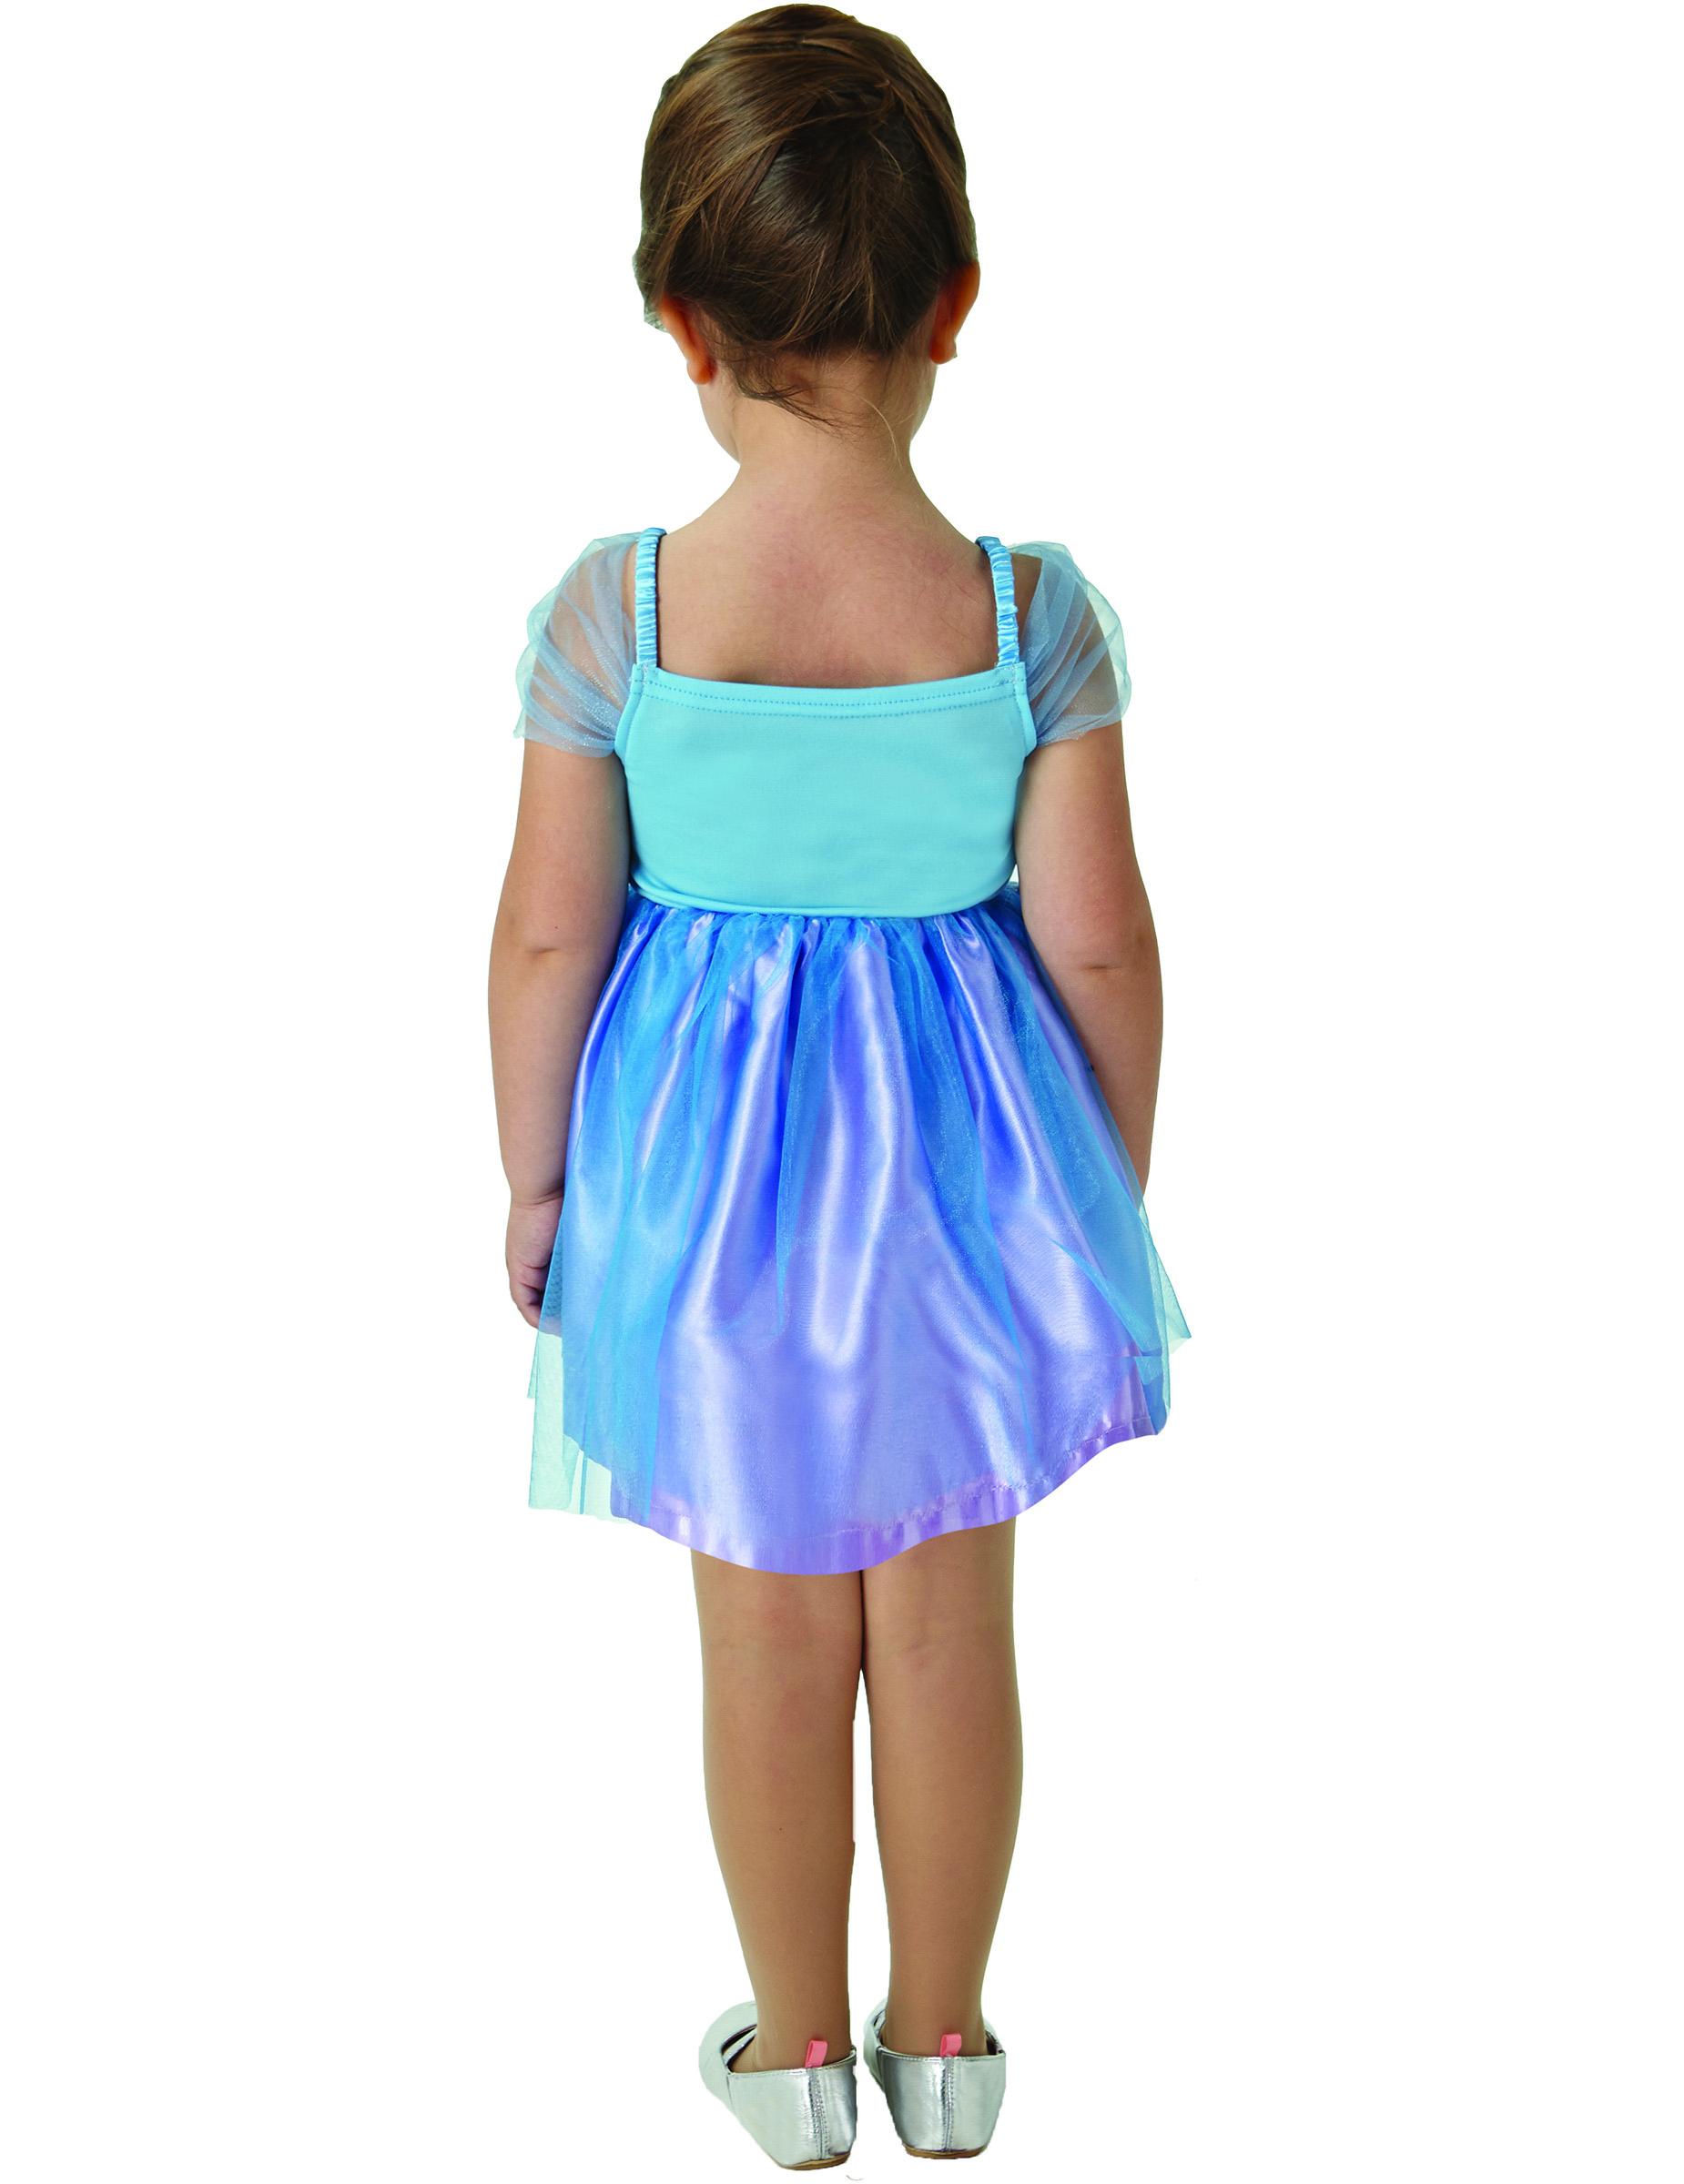 Cinderella™ Kostüm für Mädchen Disney™ Ballerina blau